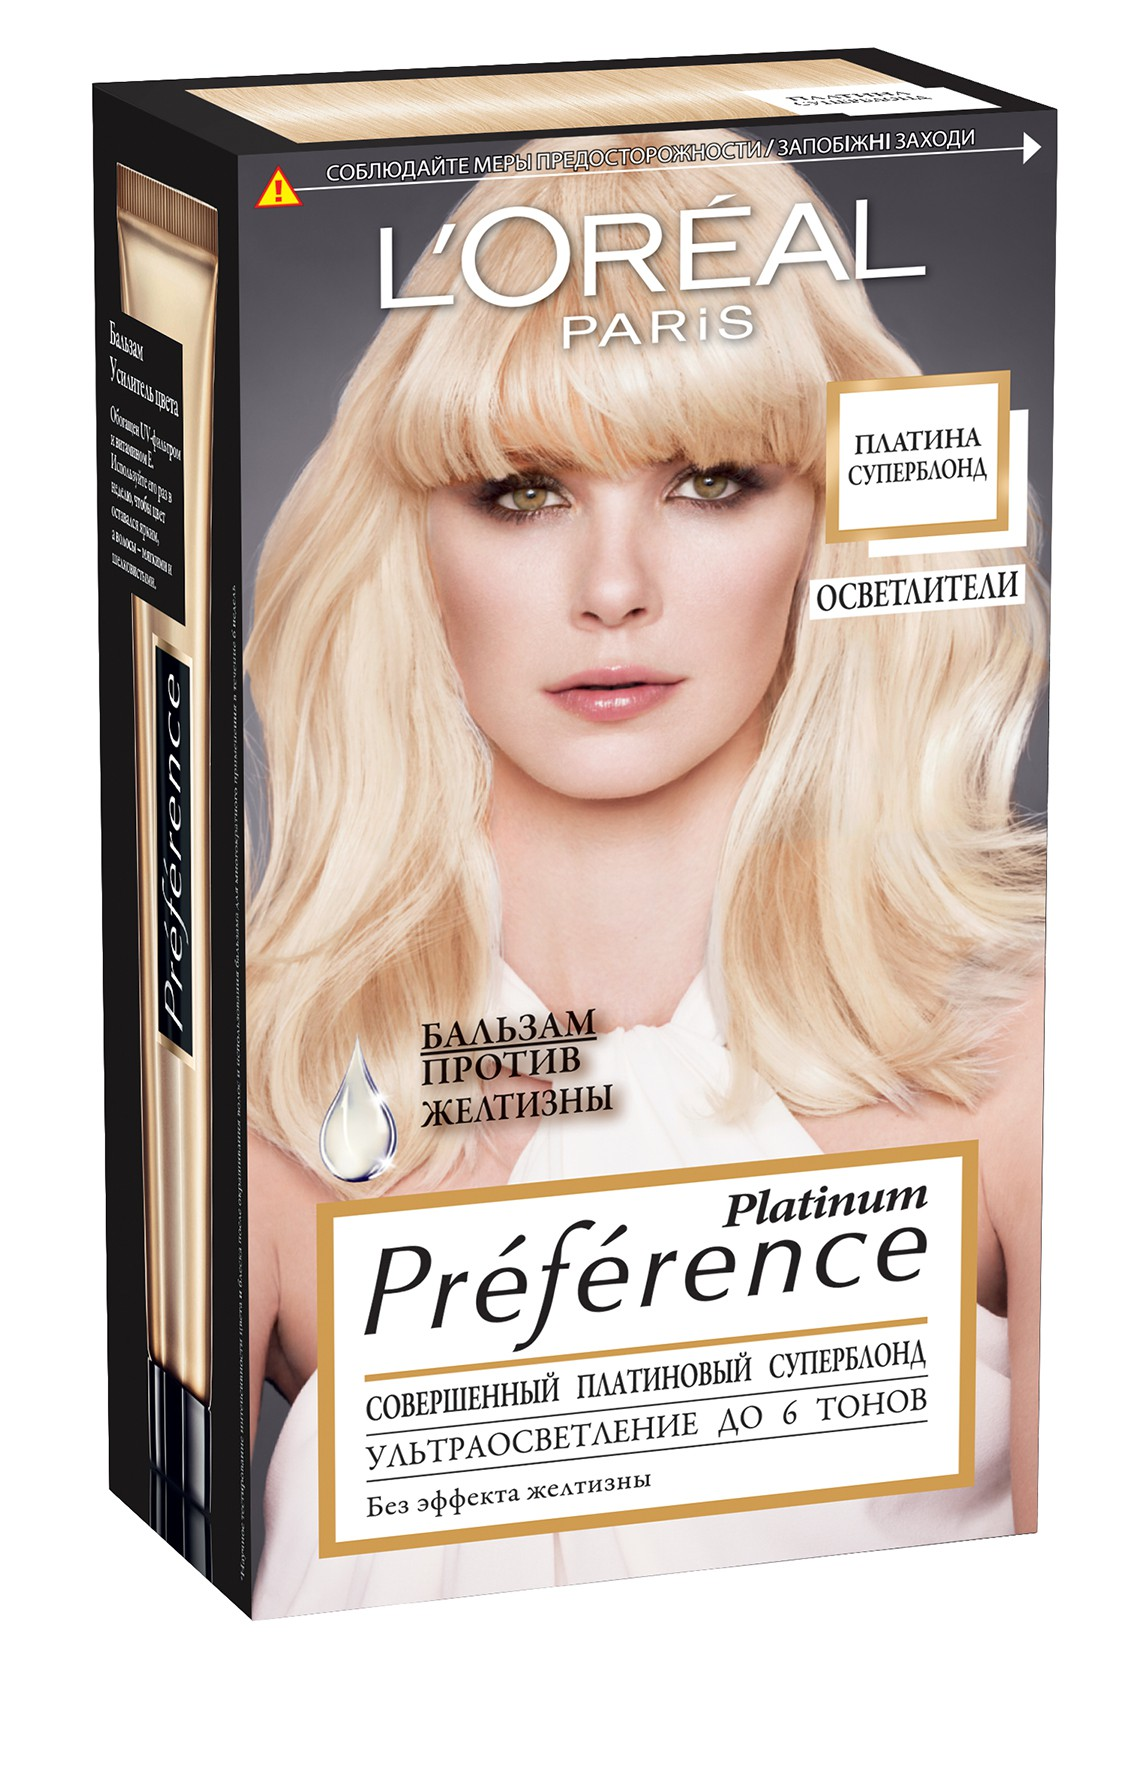 LOreal Paris Стойкая краска для волос Preference, Платина Суперблонд , 6 тонов осветленияA6737001Последнее поколение средств для достижения совершенного ПЛАТИНОВОГО СУПЕРБЛОНДА - краска Preference Platinum от LOreal Paris. Инновационная формула осветляет волосы до 6-ти тонов. Превосходный результат окрашивания волос дома! Бальзам обогащен холодными красителями ПРОТИВ ЖЕЛТИЗНЫ. Комплекс ЭКСТРА-БЛЕСК обеспечивает роскошное сияние надолго! В состав упаковки входит: тюбик с осветляющим кремом (25 мл), флакон с проявляющим кремом (75 мл), упаковка осветляющего порошка (22 г), бальзам против желтизны (54 мл), инструкция по применению, пара перчаток.1. Обеспечивает платиновый блонд и сияние 2. Высокая стойкость 2. Не содержит аммиак 3. Без эффекта желтизны